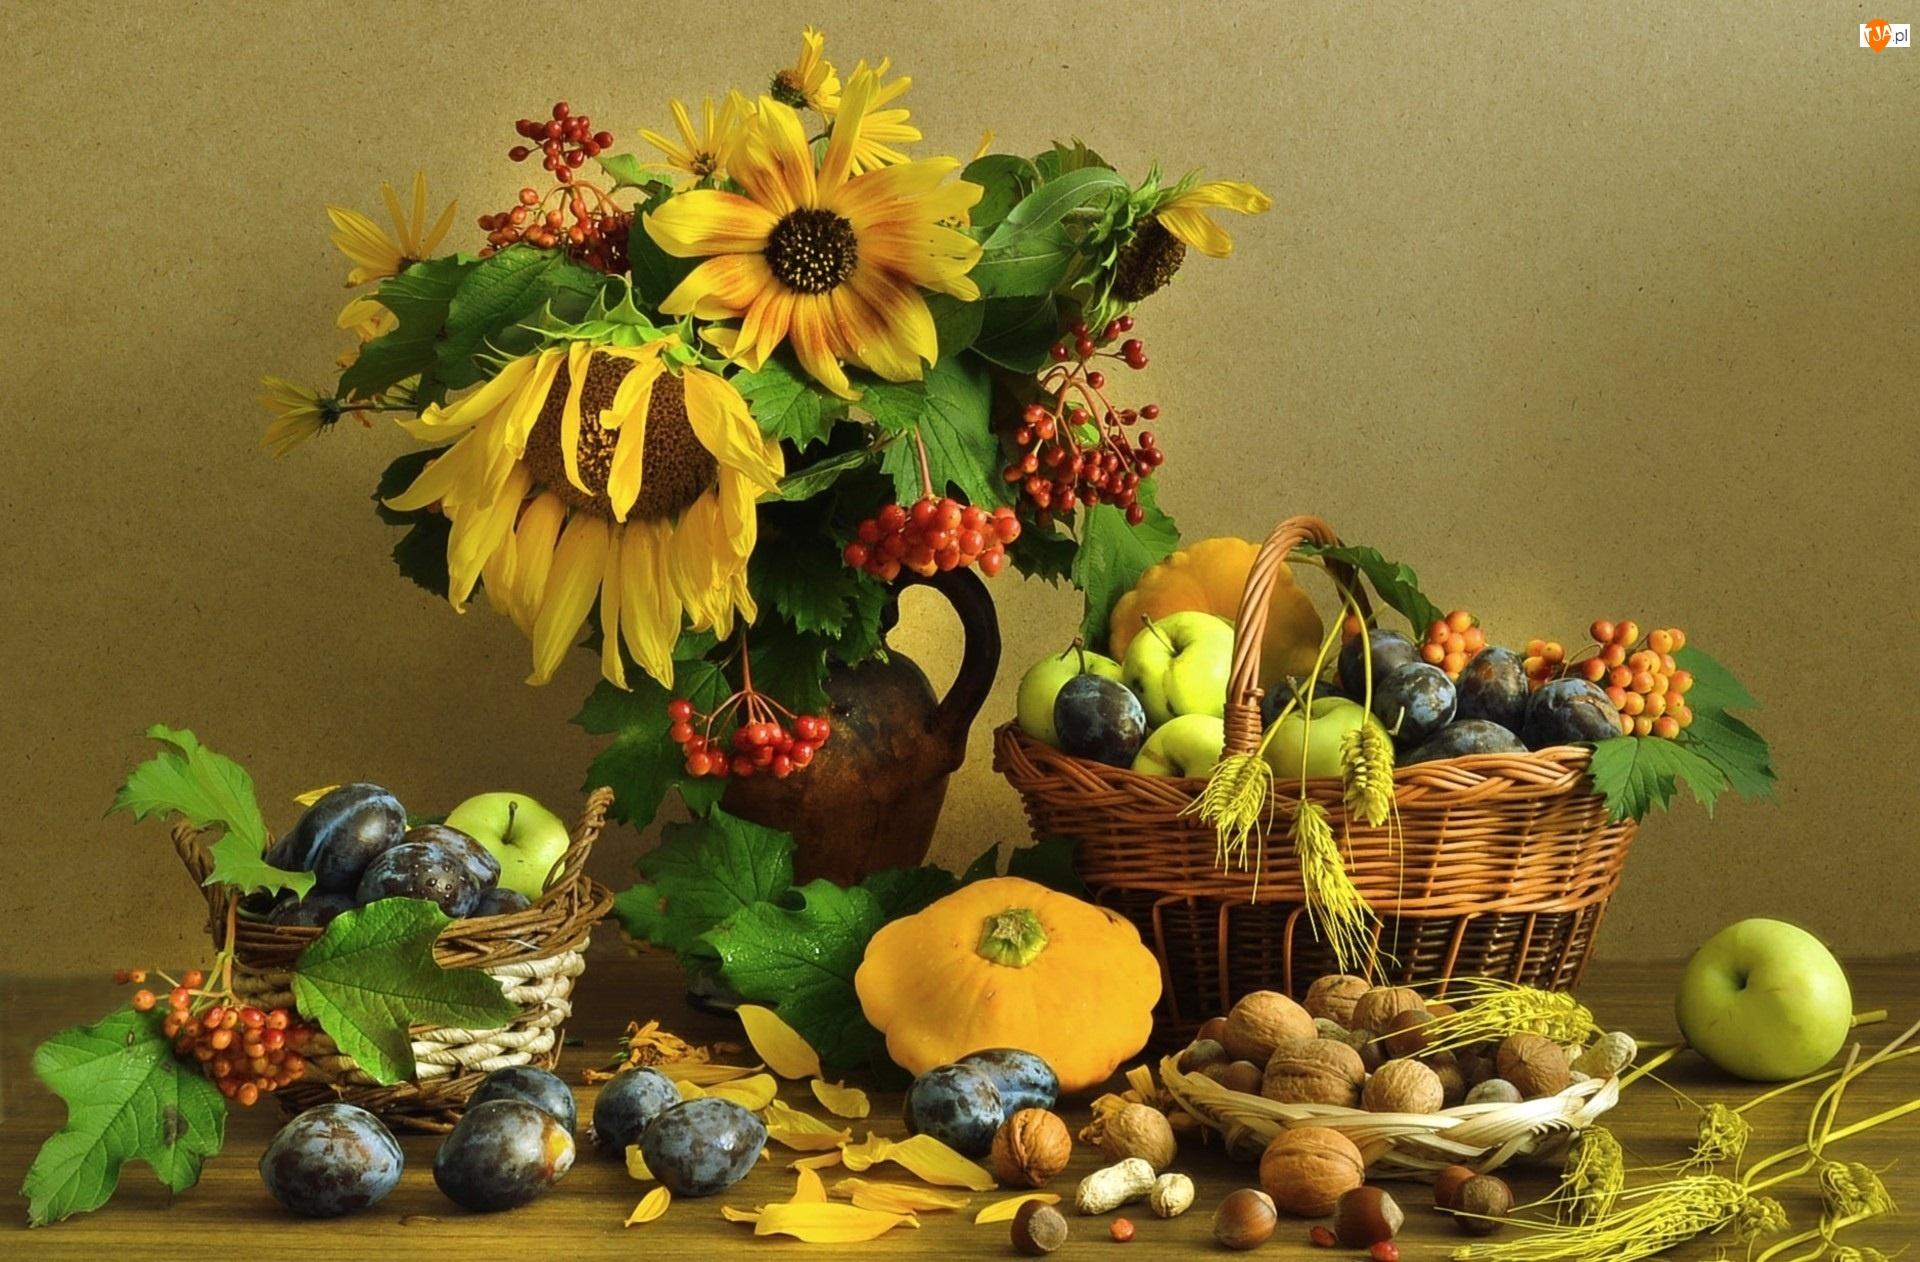 Sloneczniki, Warzywa, Bukiet, Kwiaty, Owoce